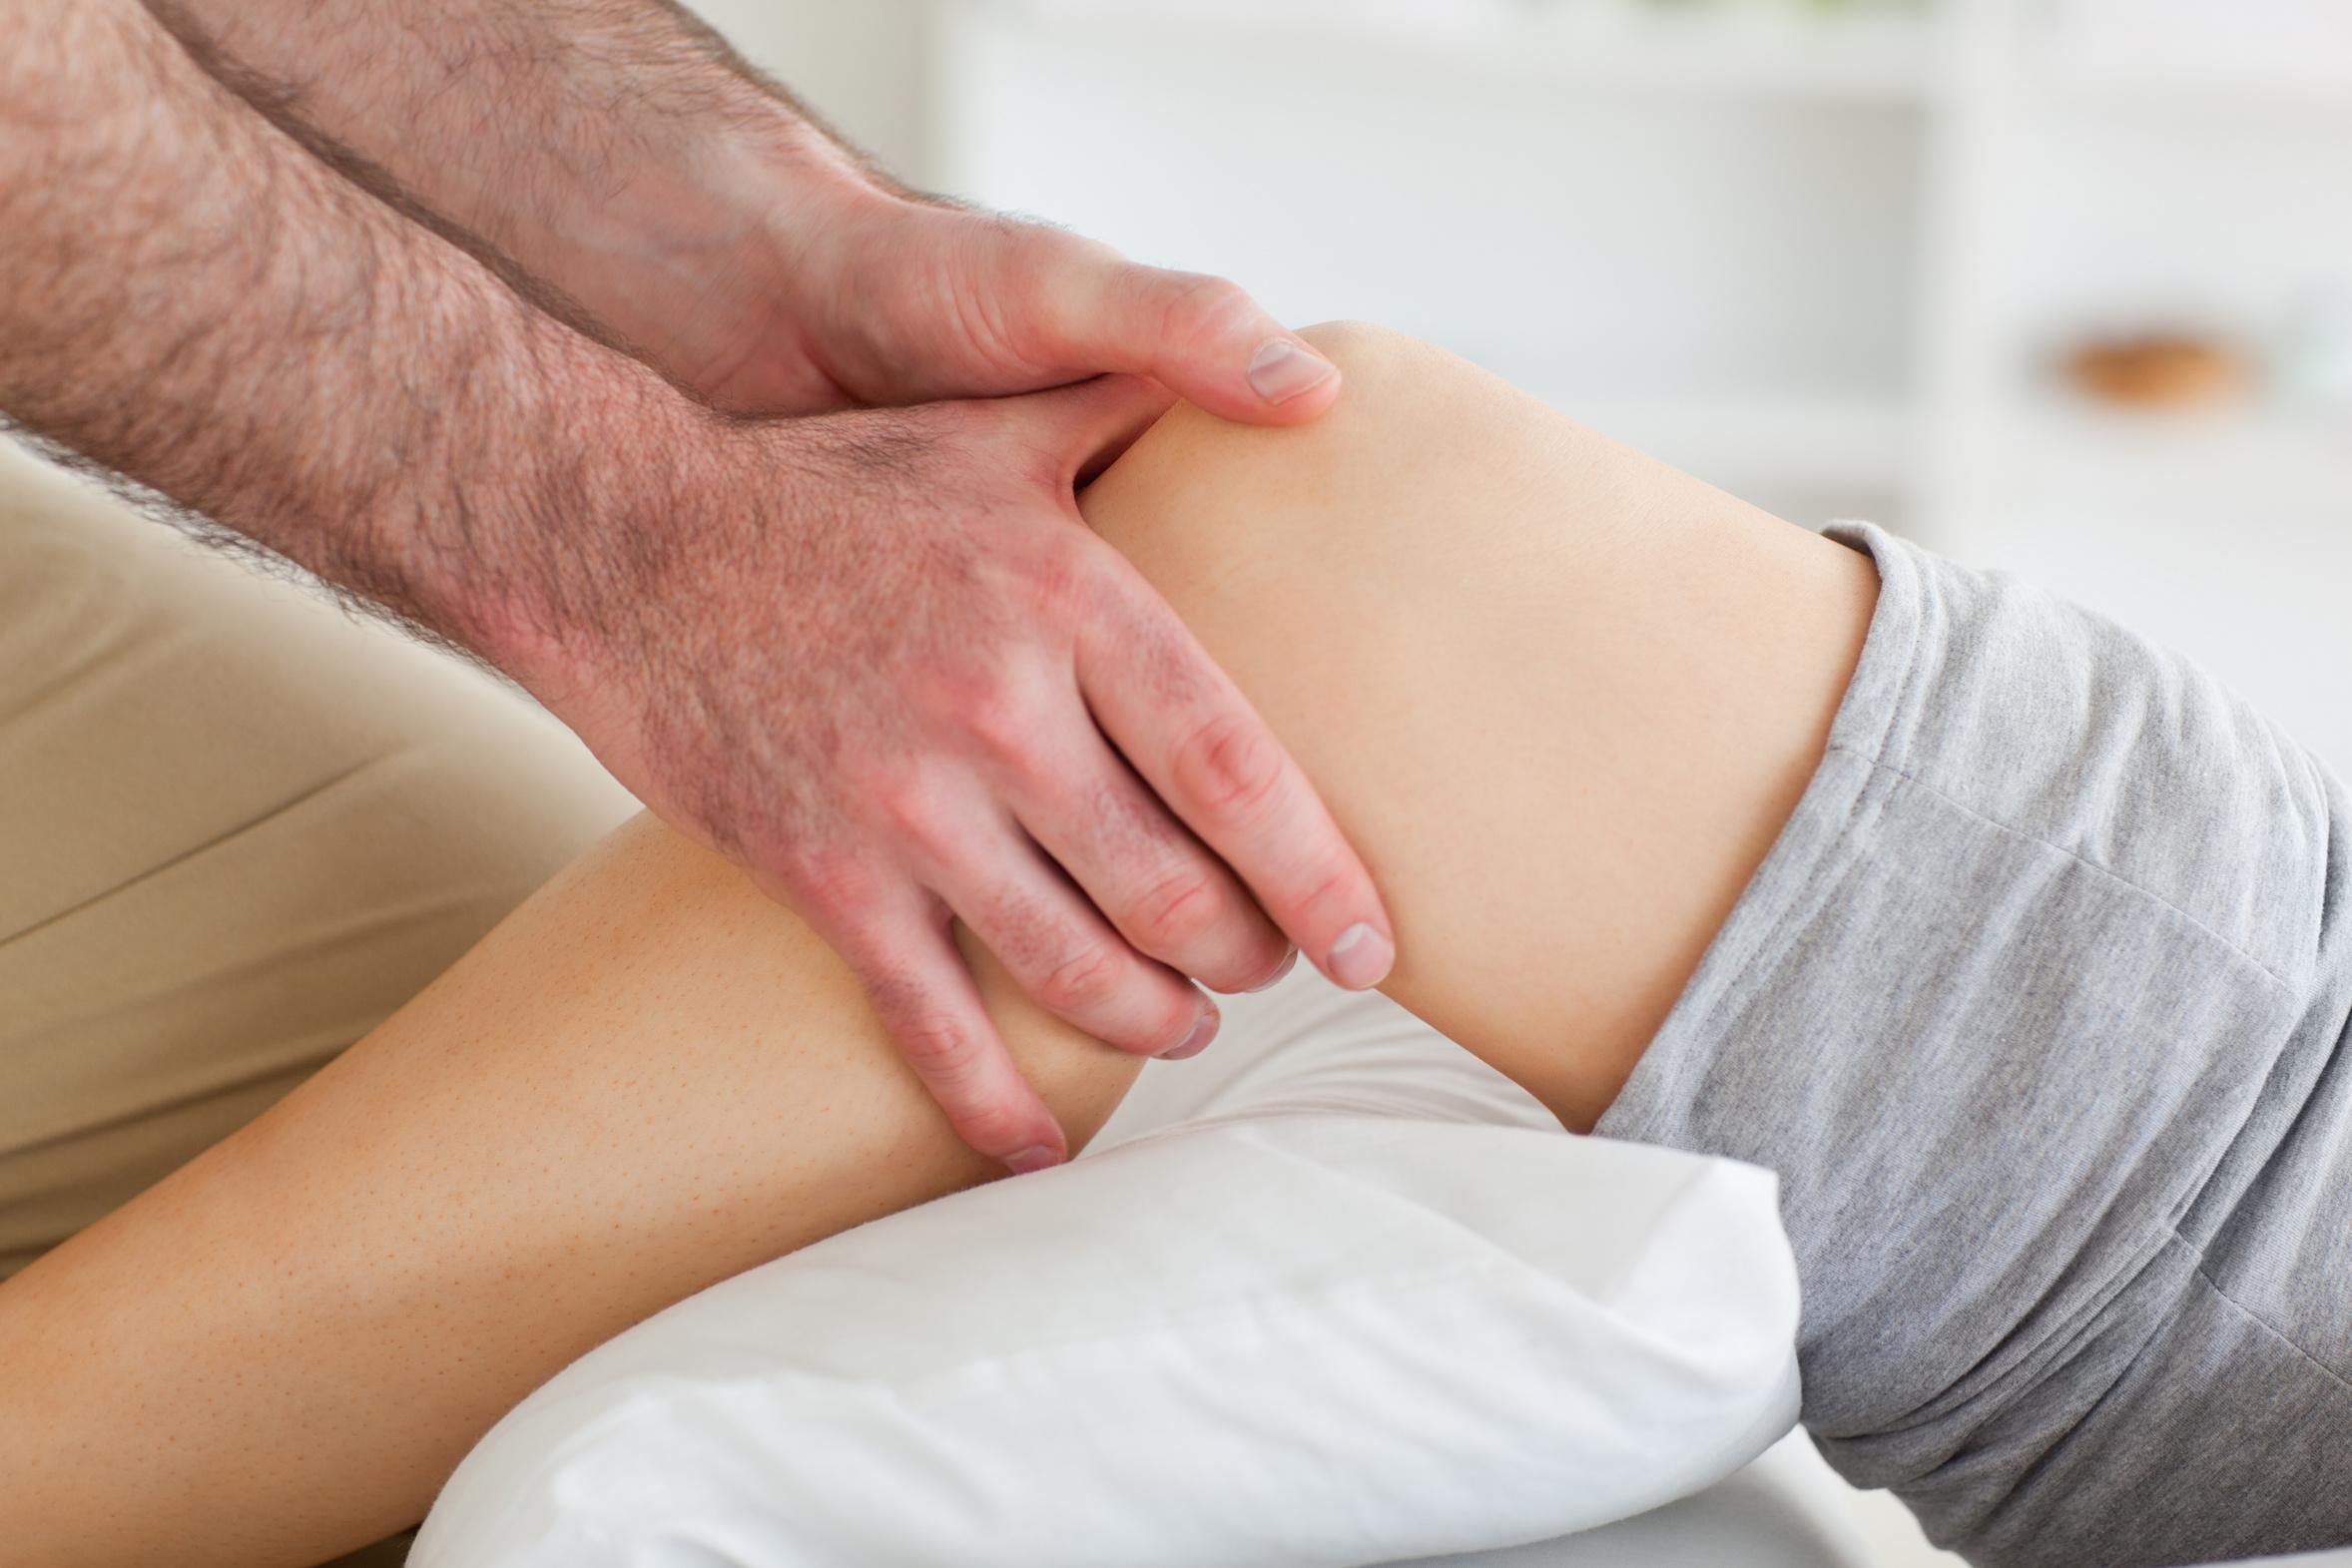 Man massaging a woman's knee